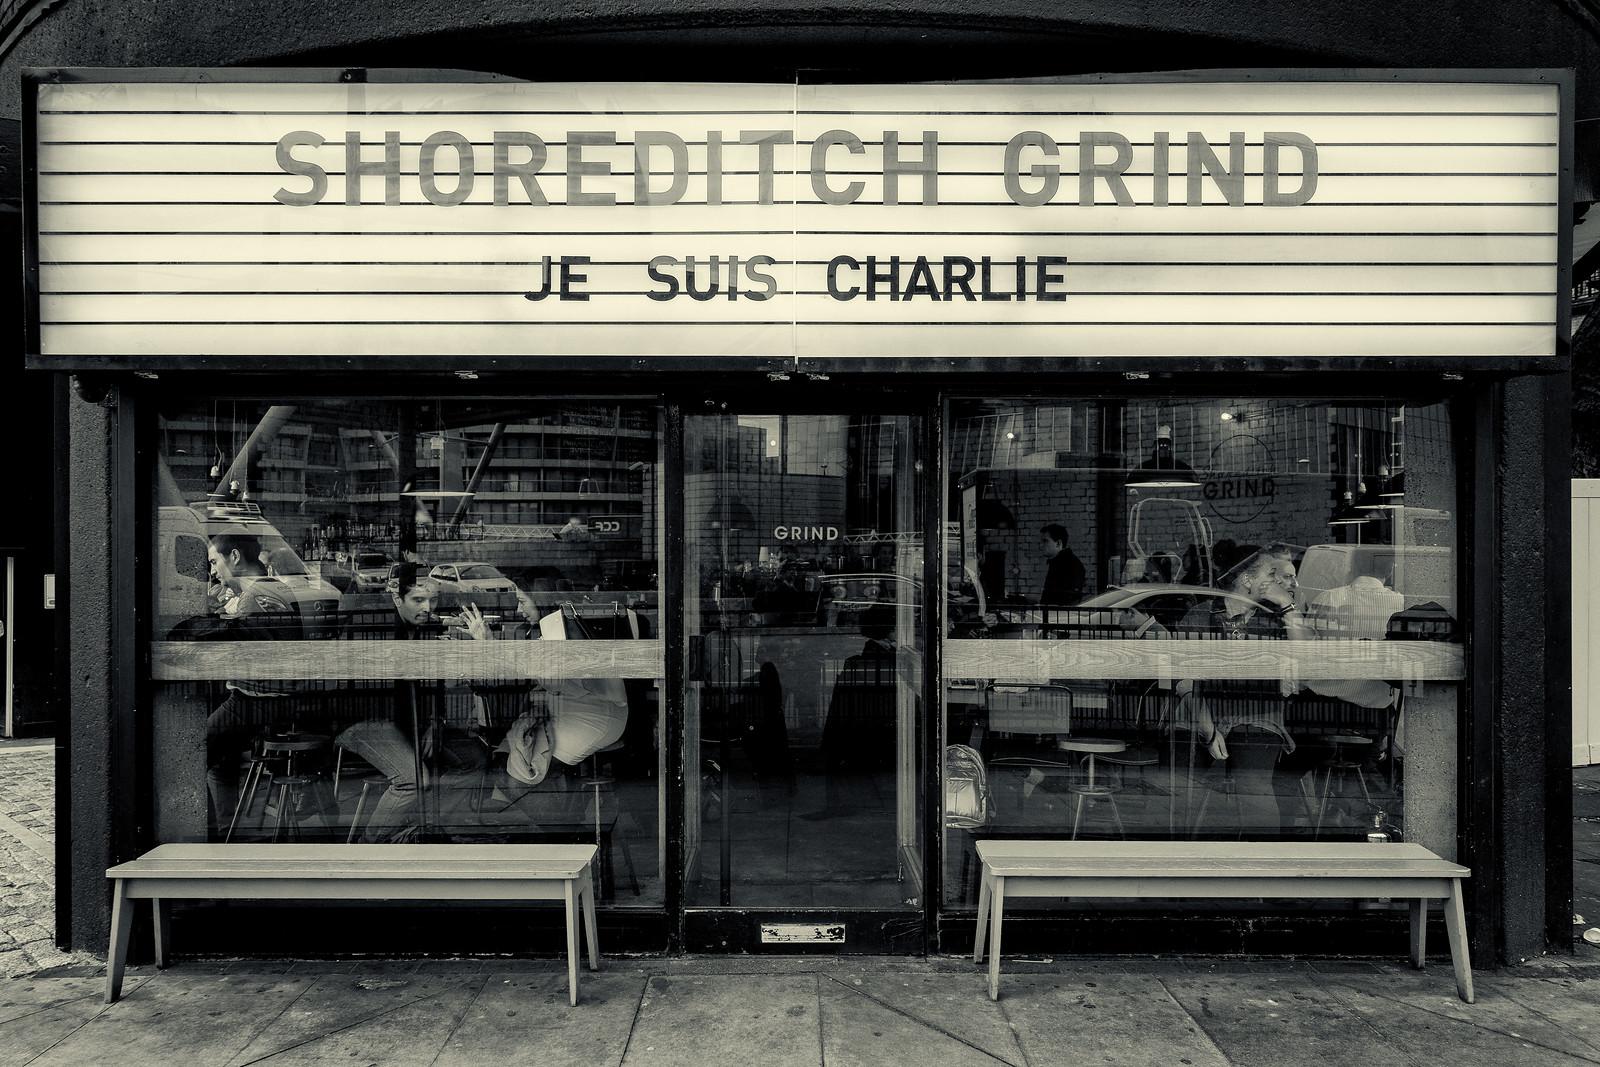 Je suis Shoreditch Charlie